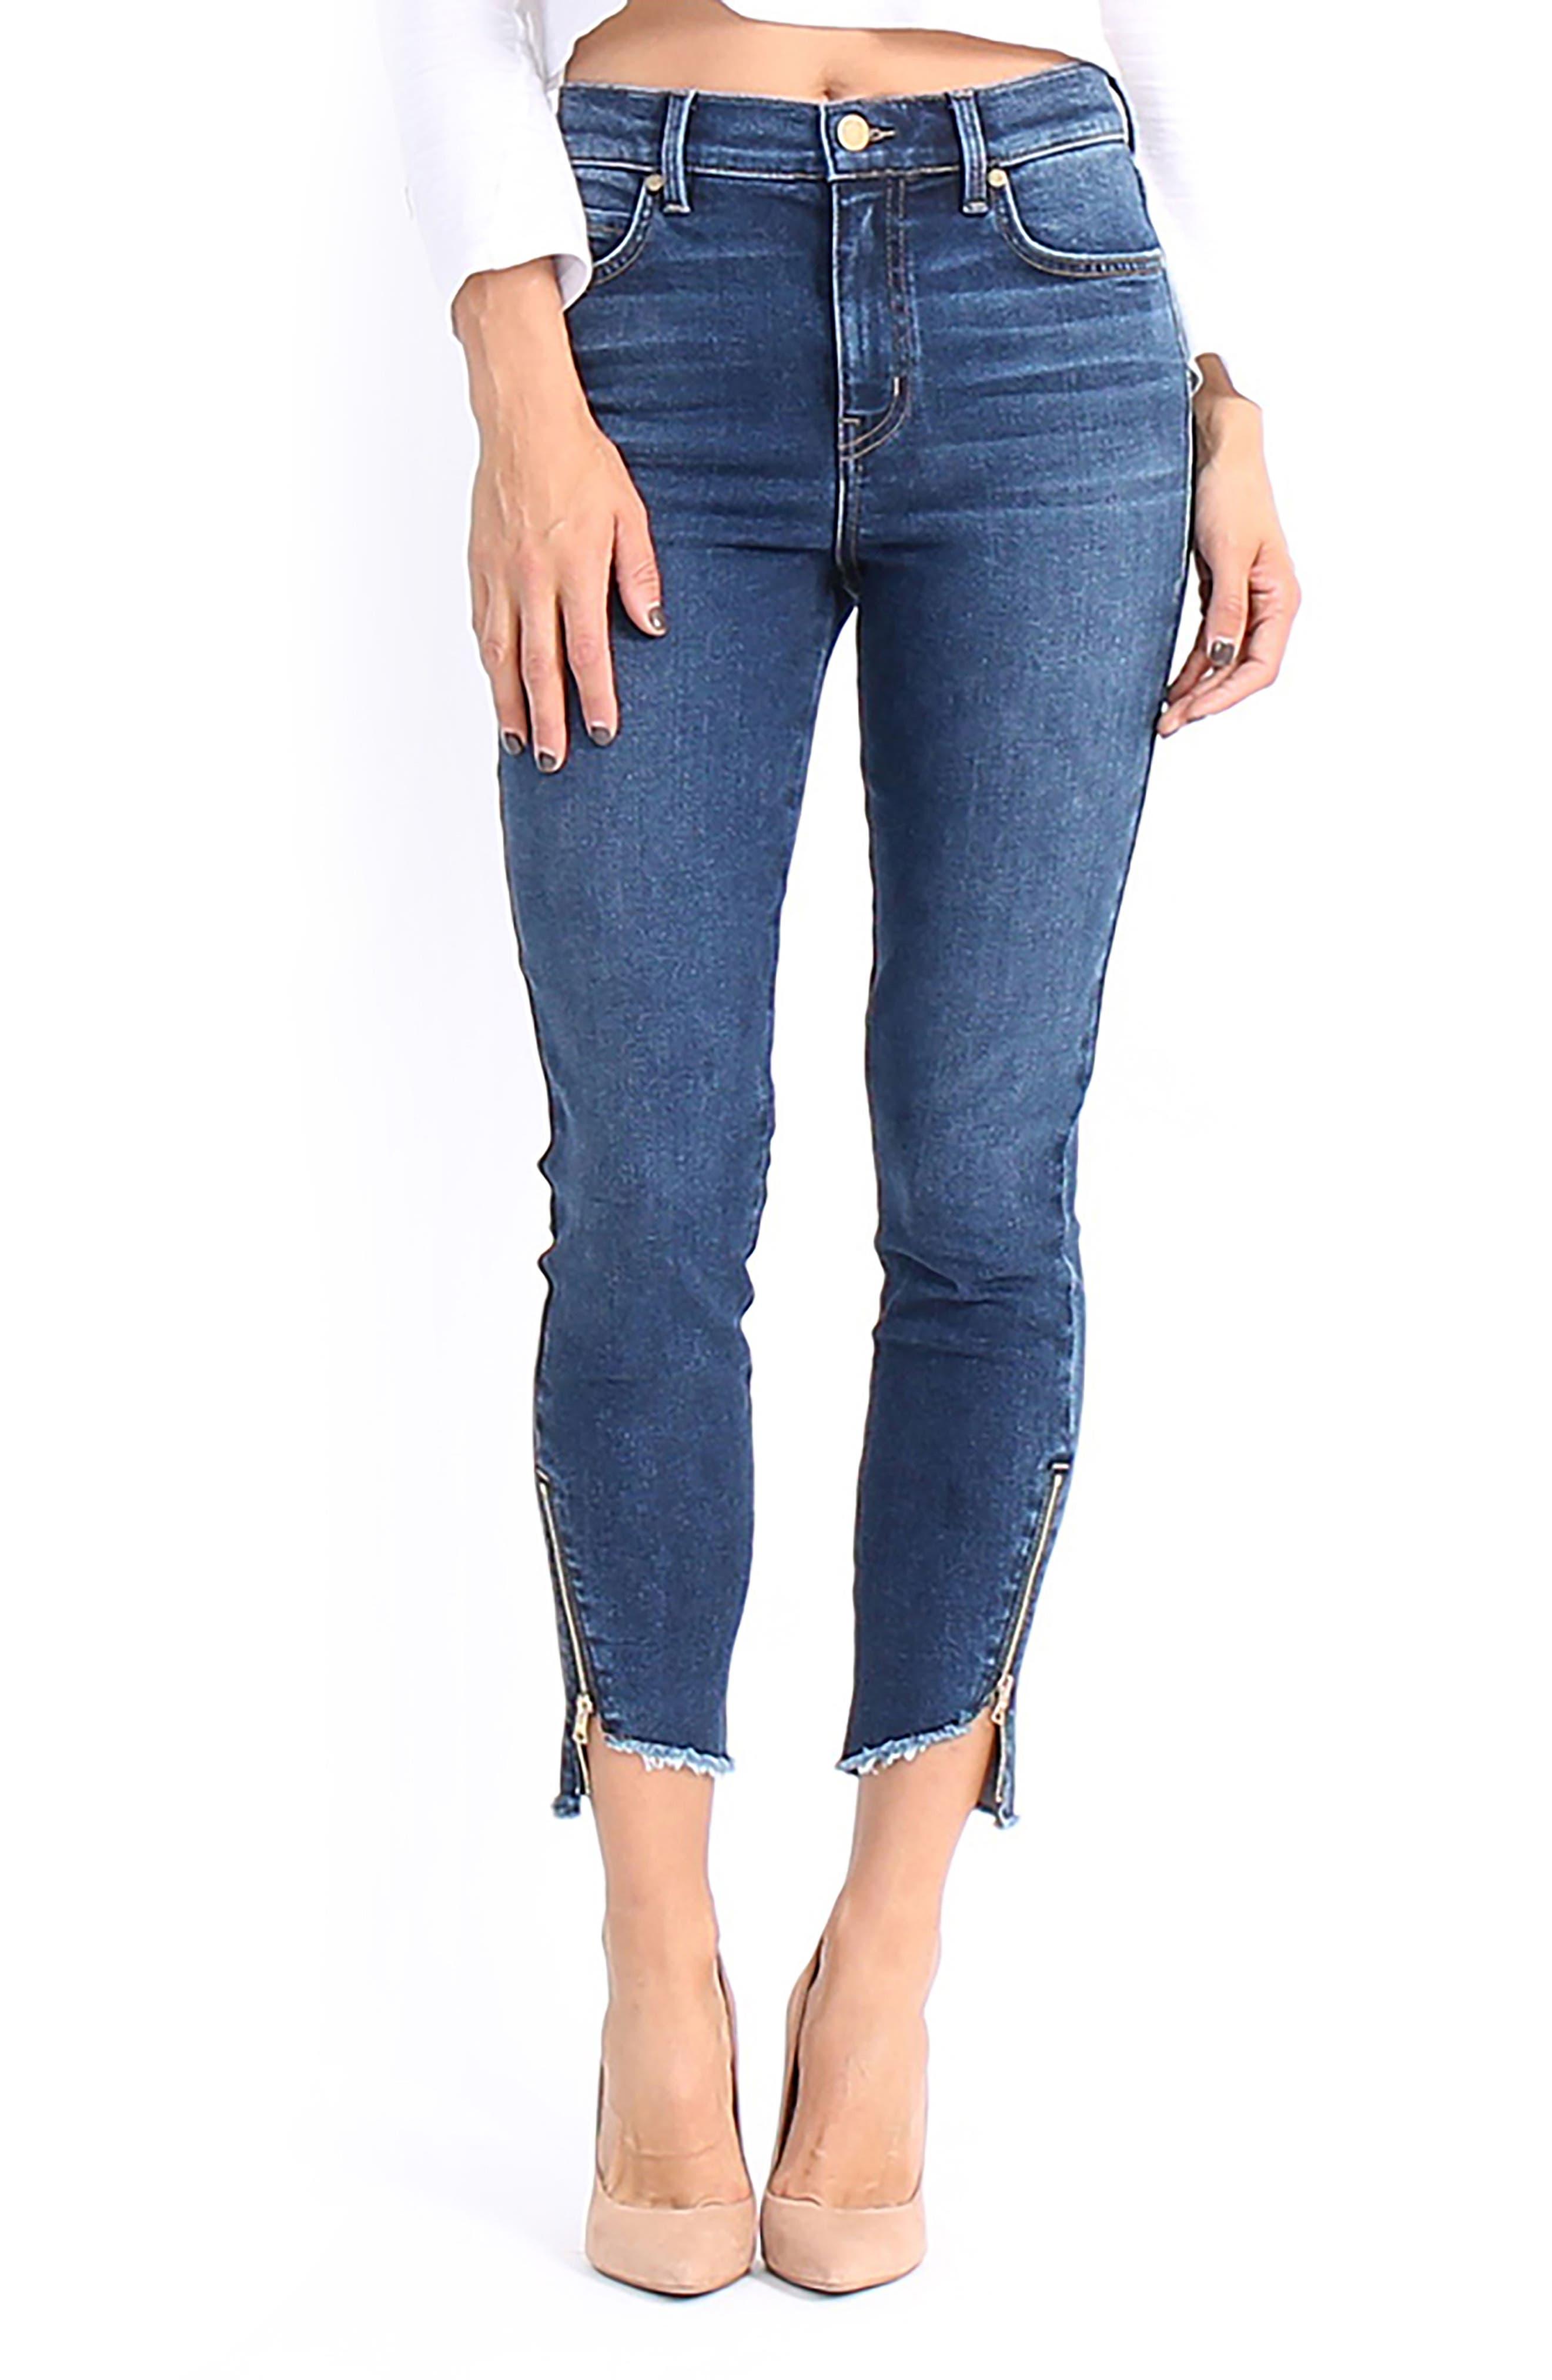 Main Image - Level 99 Ellie Uneven Zip Slant Hem Jeans (Women)